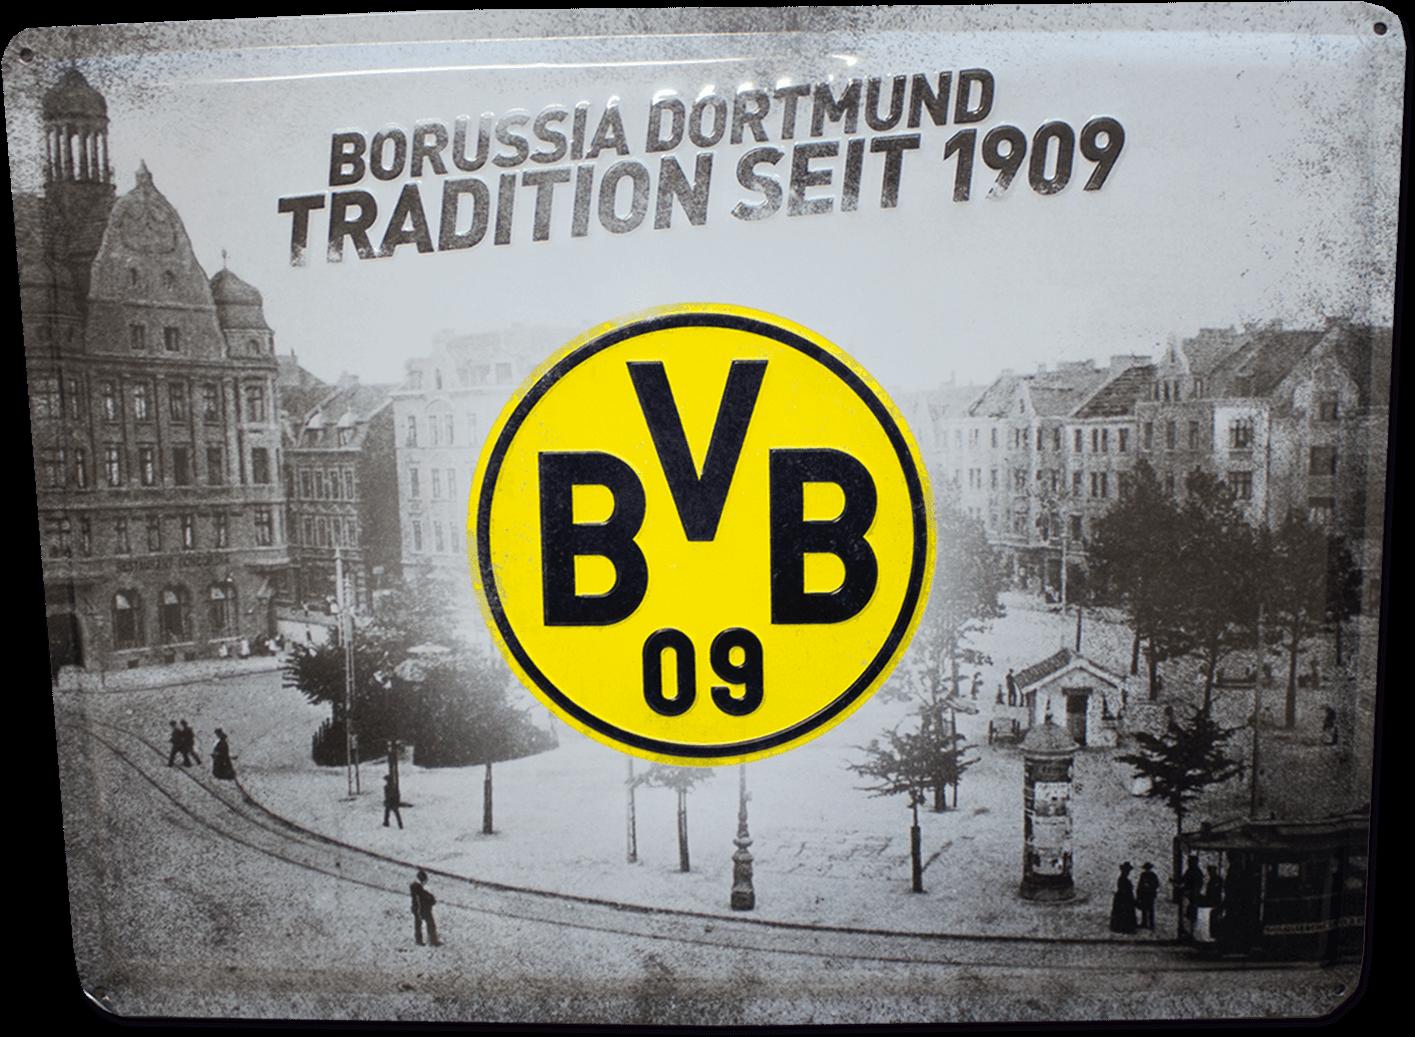 Bvb Logo Png Borussia Dortmund 3104166 Vippng